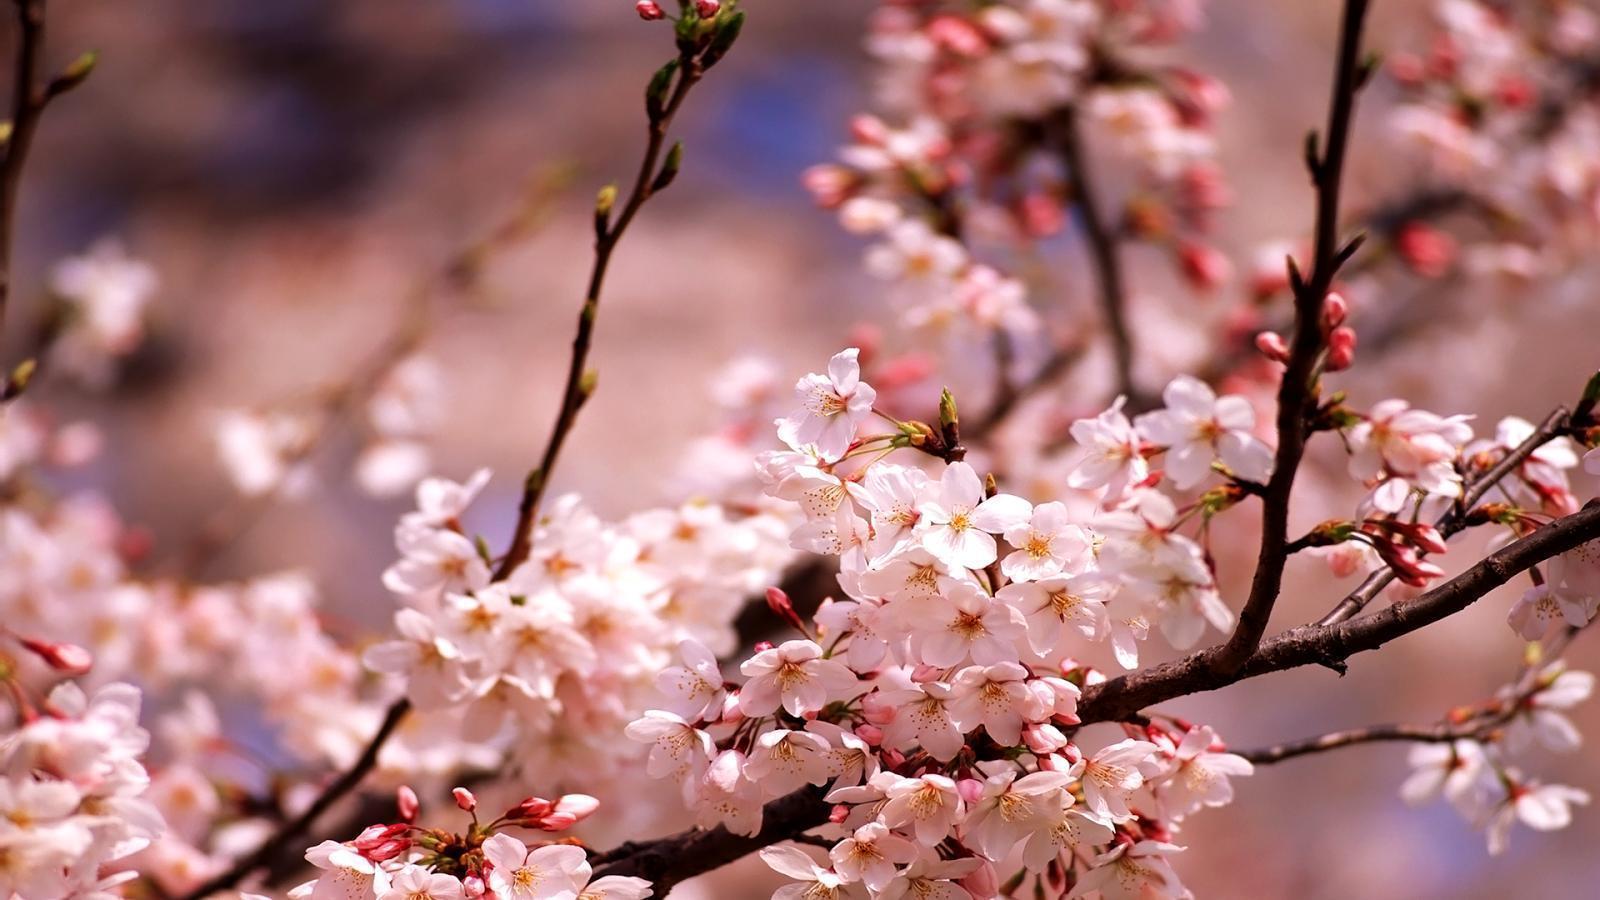 картинки весна обои на телефон организации раздела перевозки